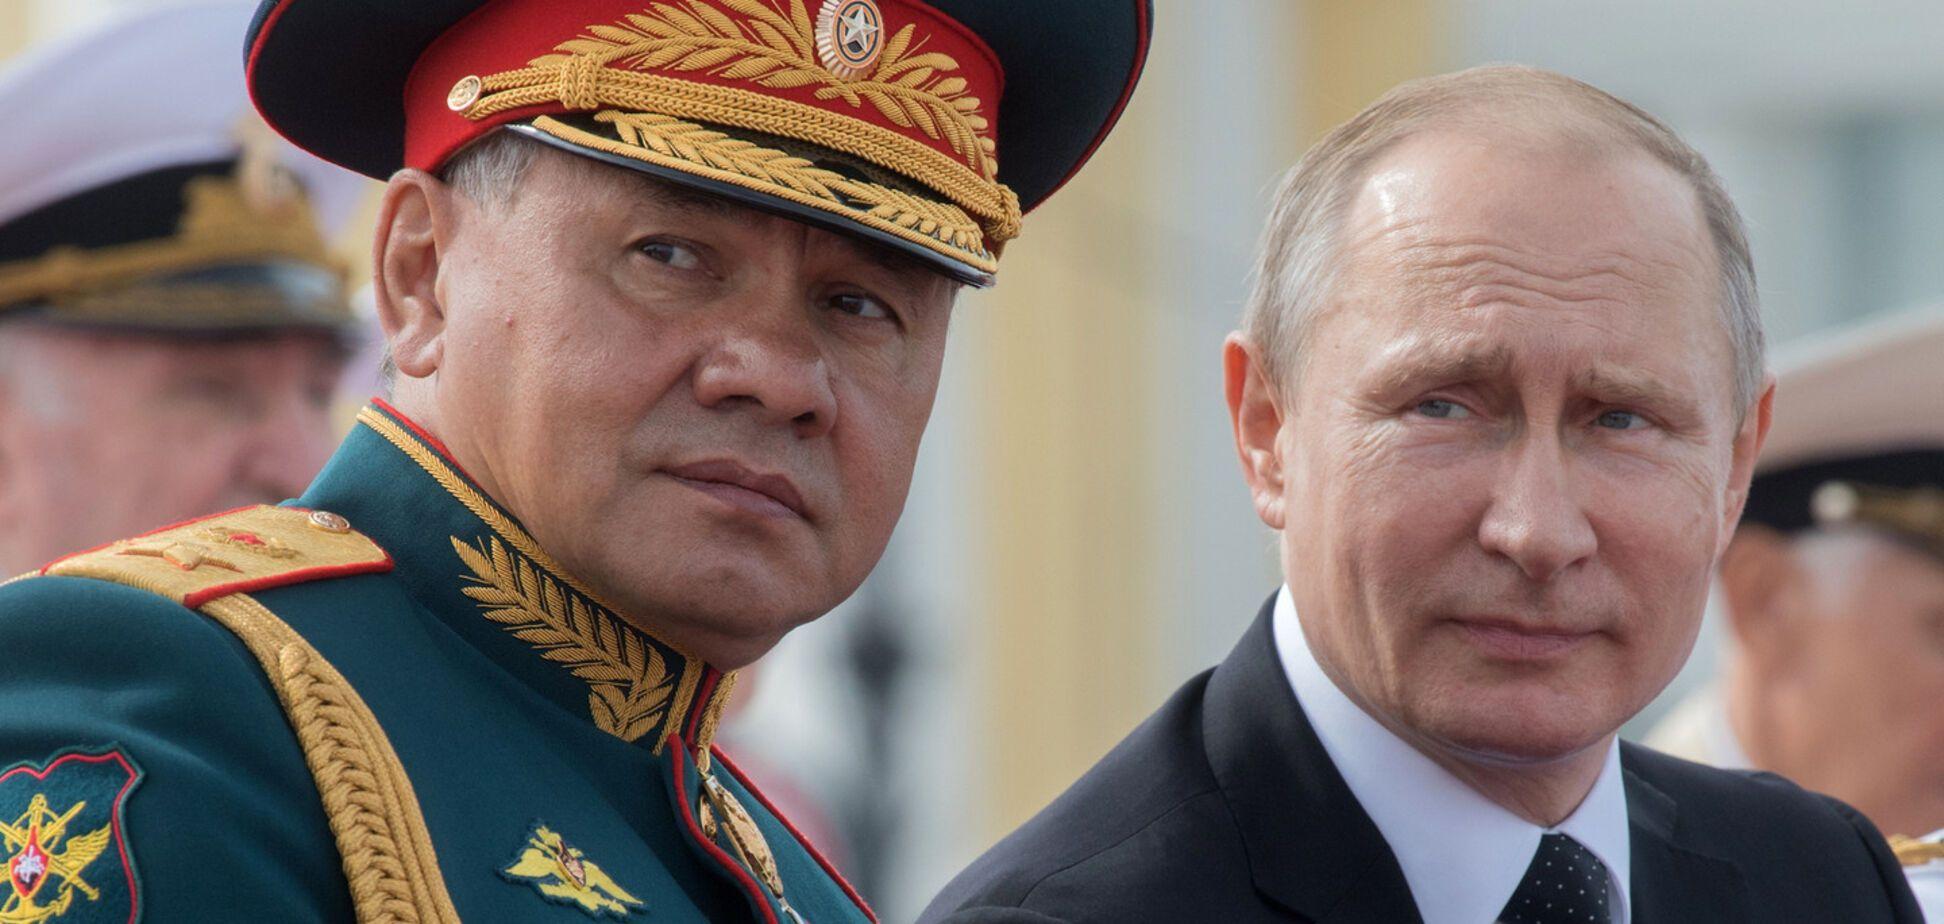 Кремль пойдет на крайний шаг: генерал сказал, что может спровоцировать большую войну